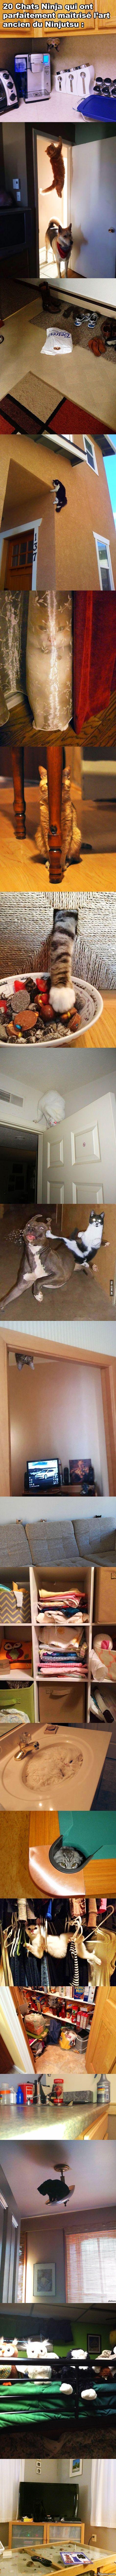 20 chats qui maitrise l'art de se cacher et de faire rires